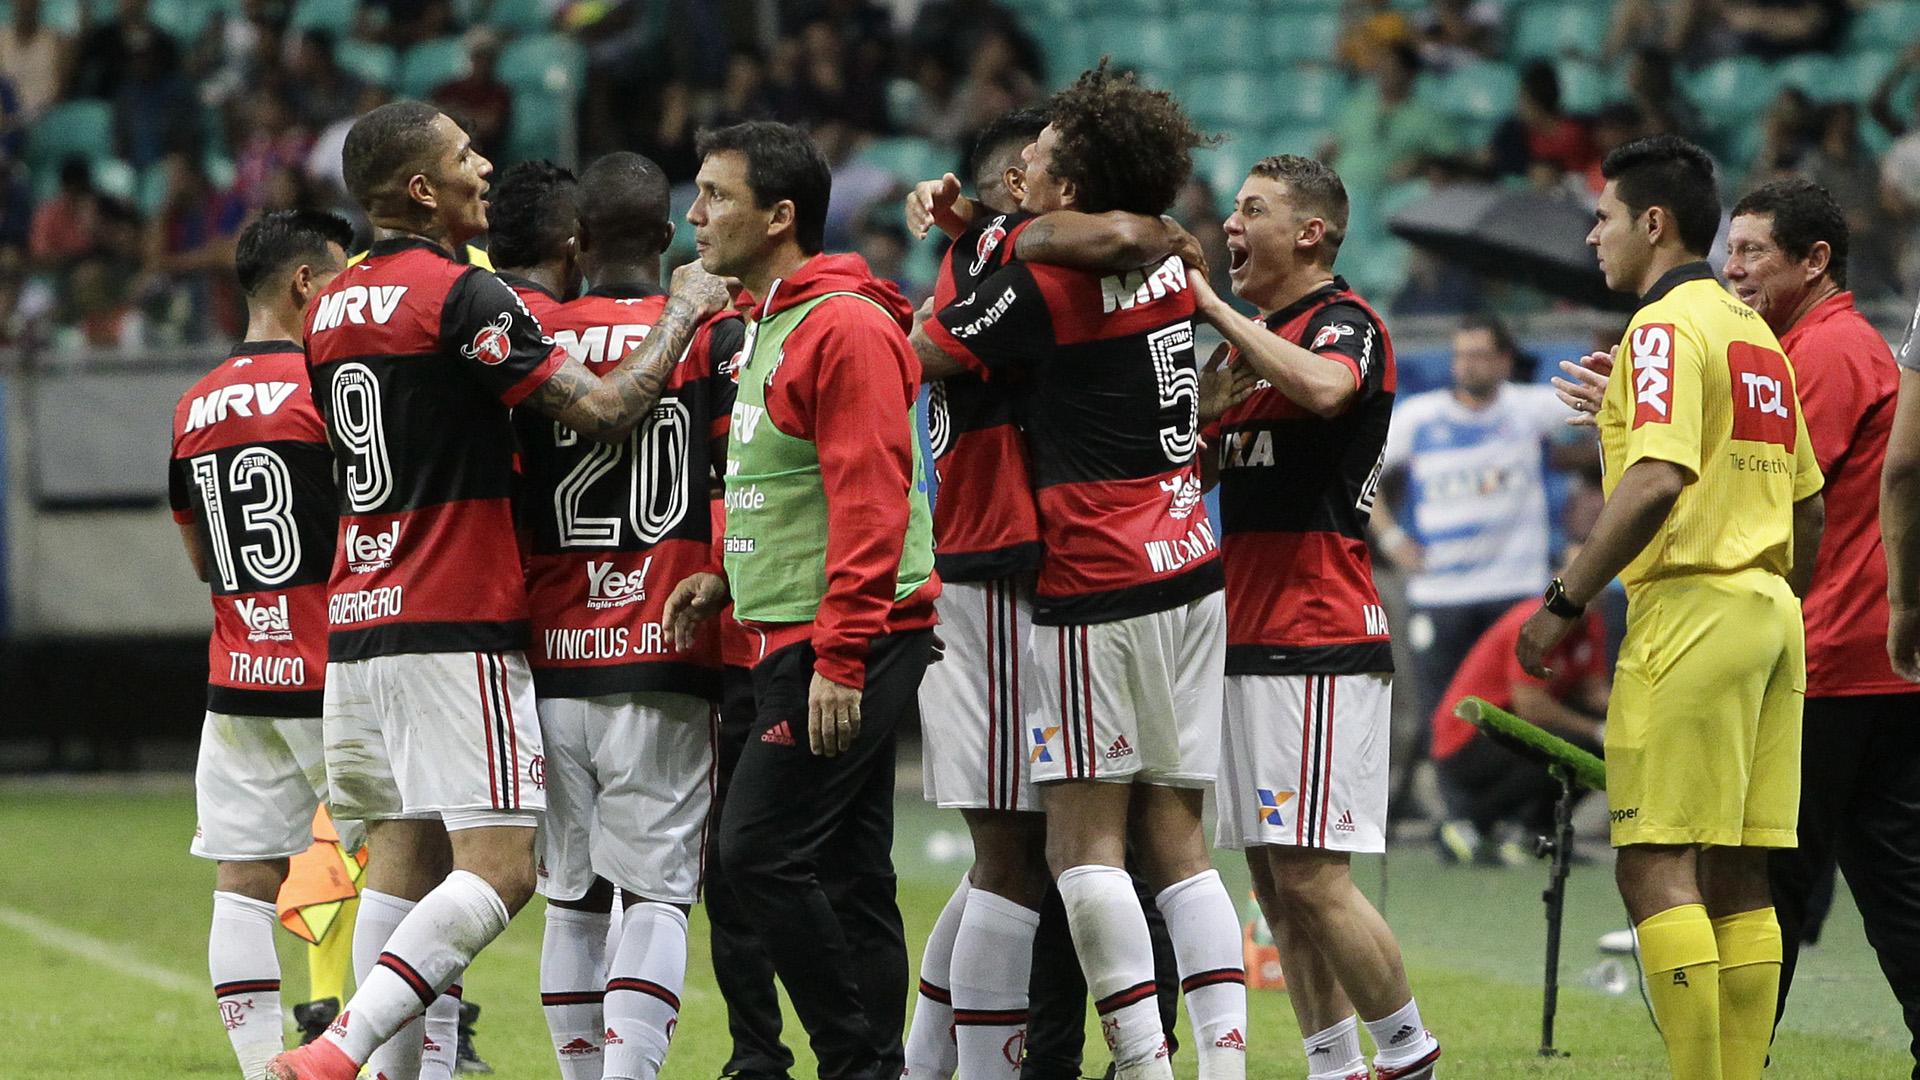 Ze Ricardo Bahia Flamengo Brasileirao Serie A 25062017